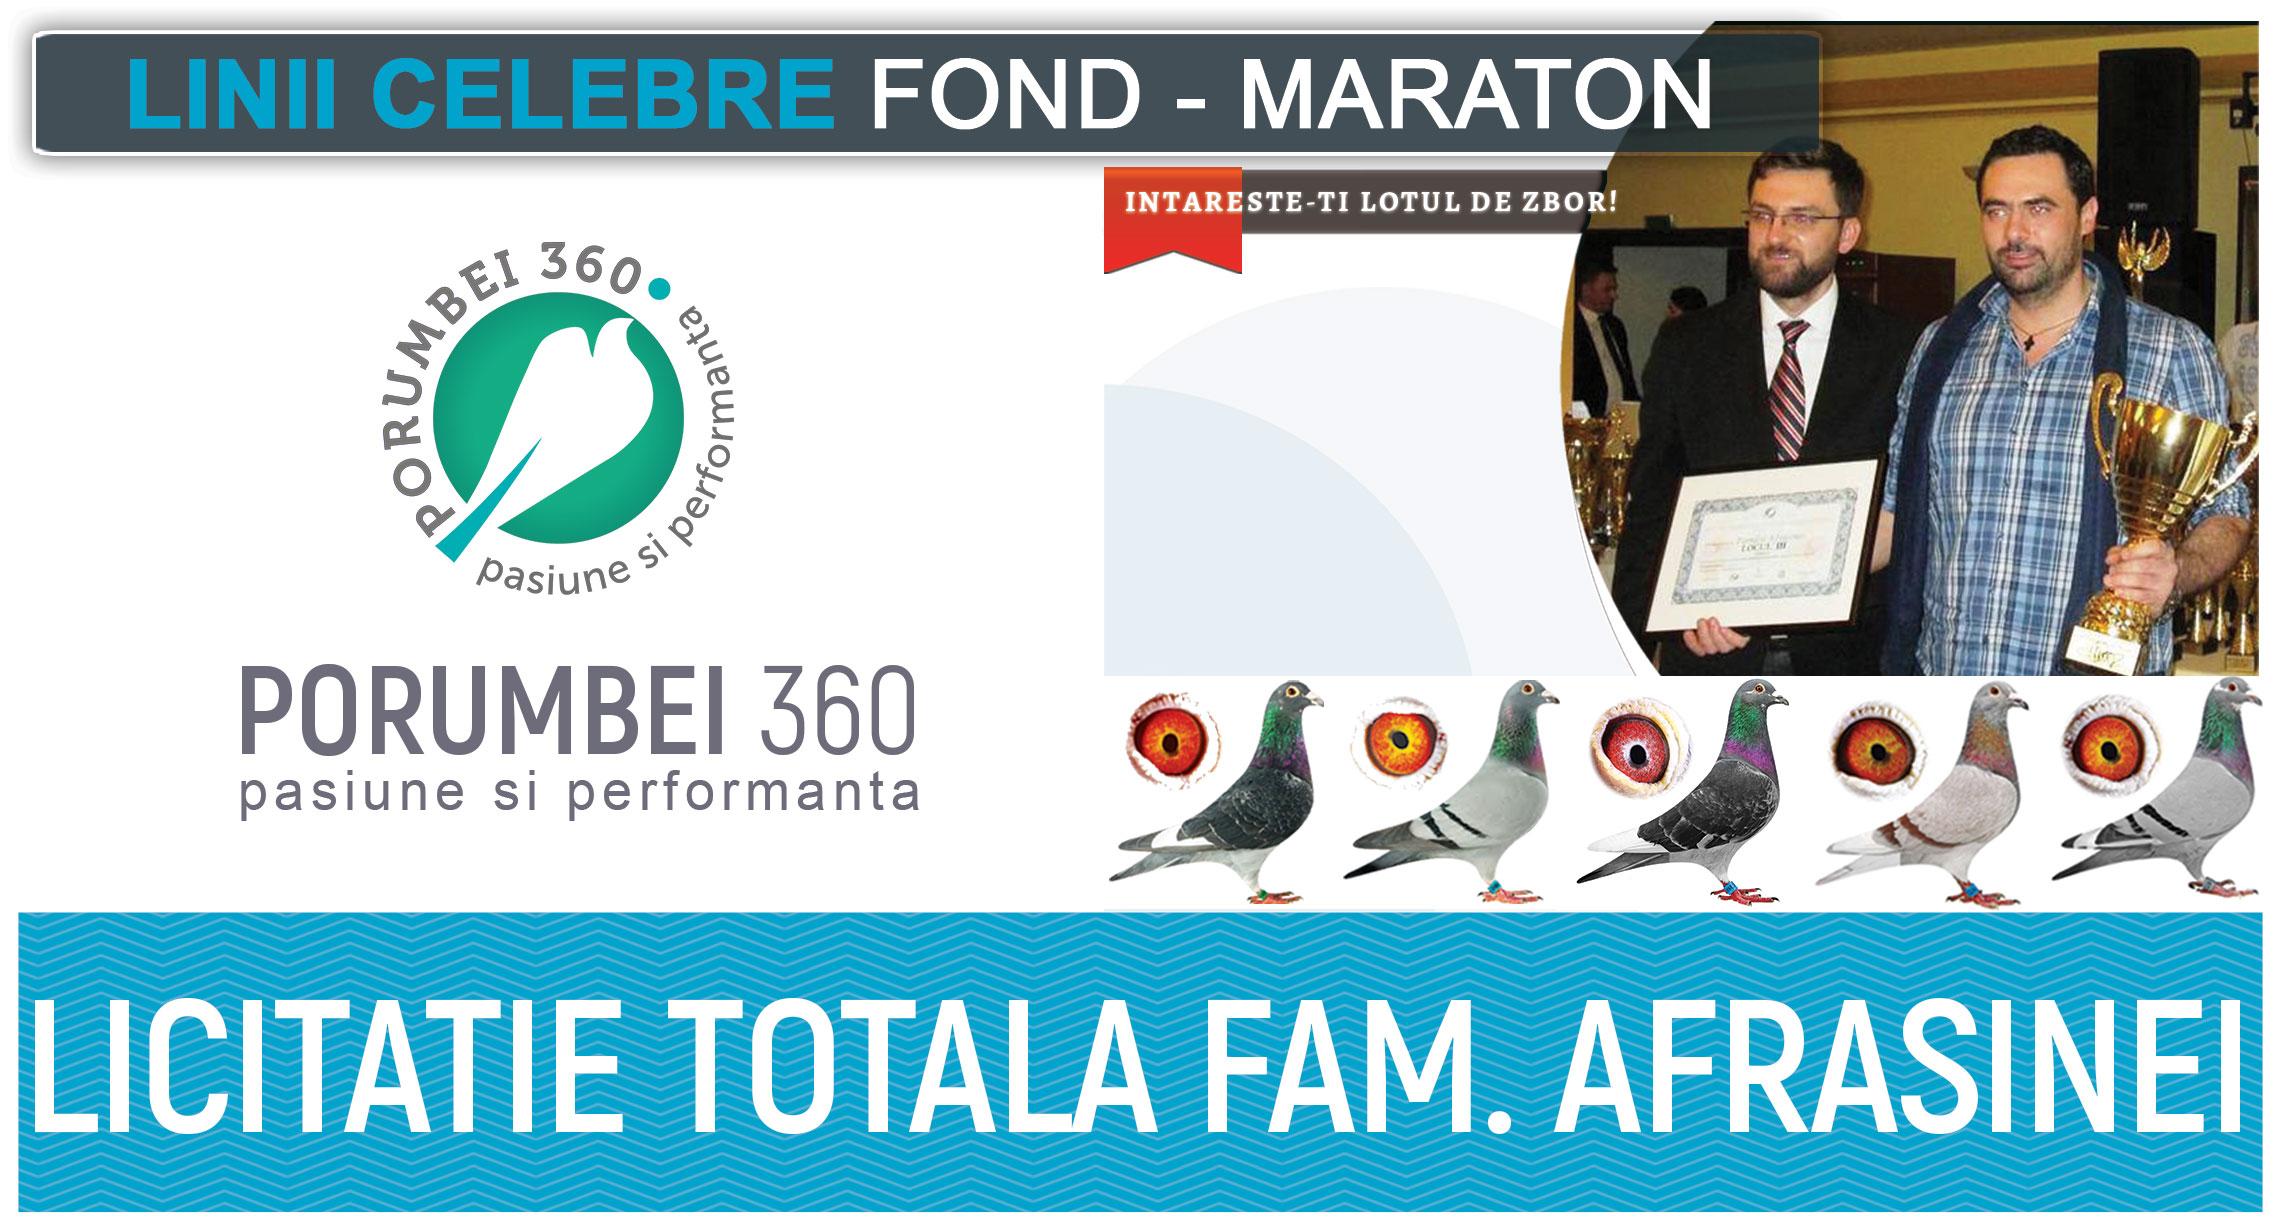 FAMILIA AFRASINEI - FOND-MARATON PUI 2017 (3)